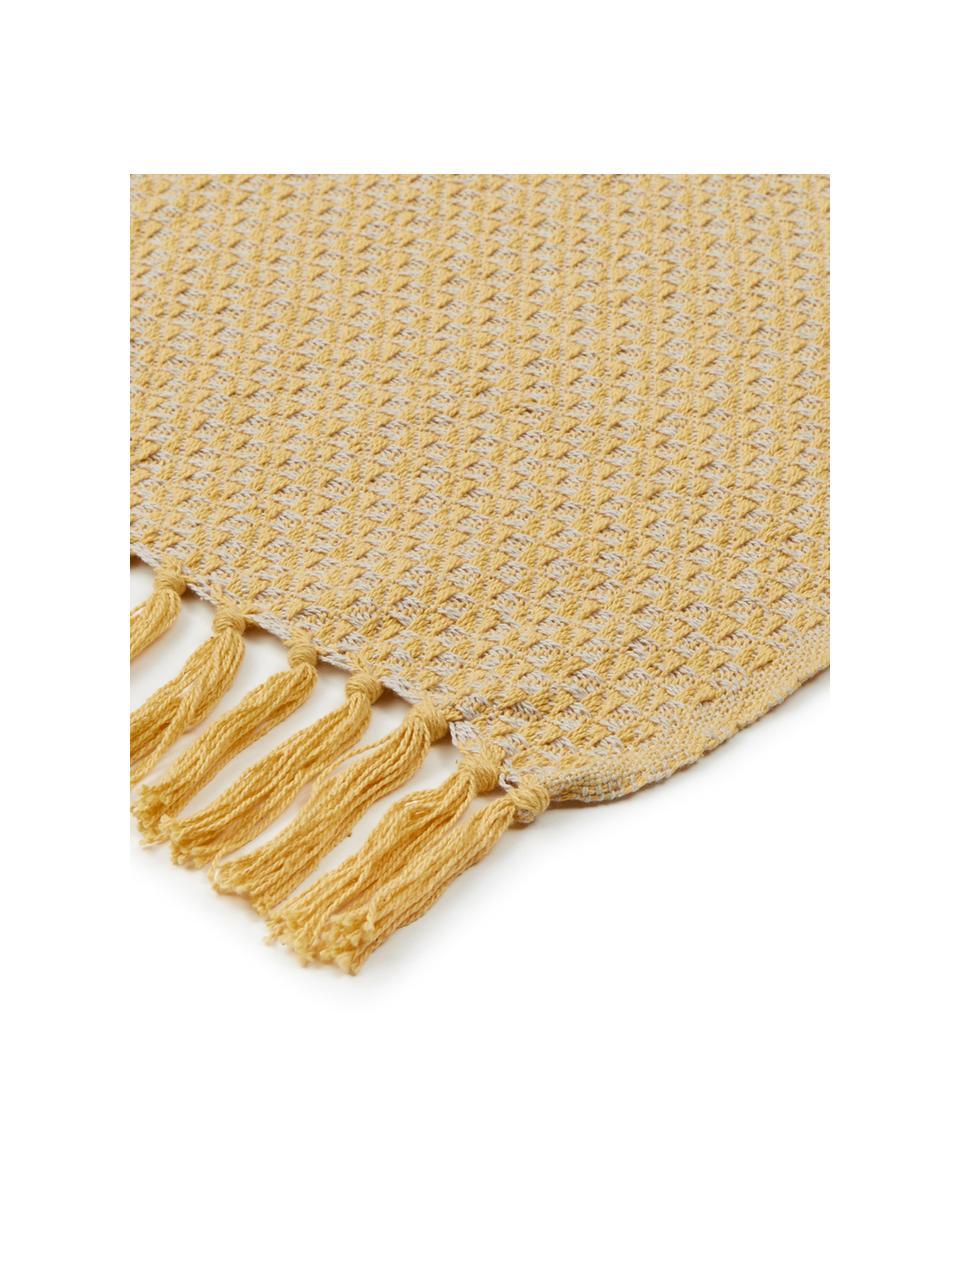 Plaid Check, 100% Baumwolle, Beige, Gelb, 130 x 170 cm